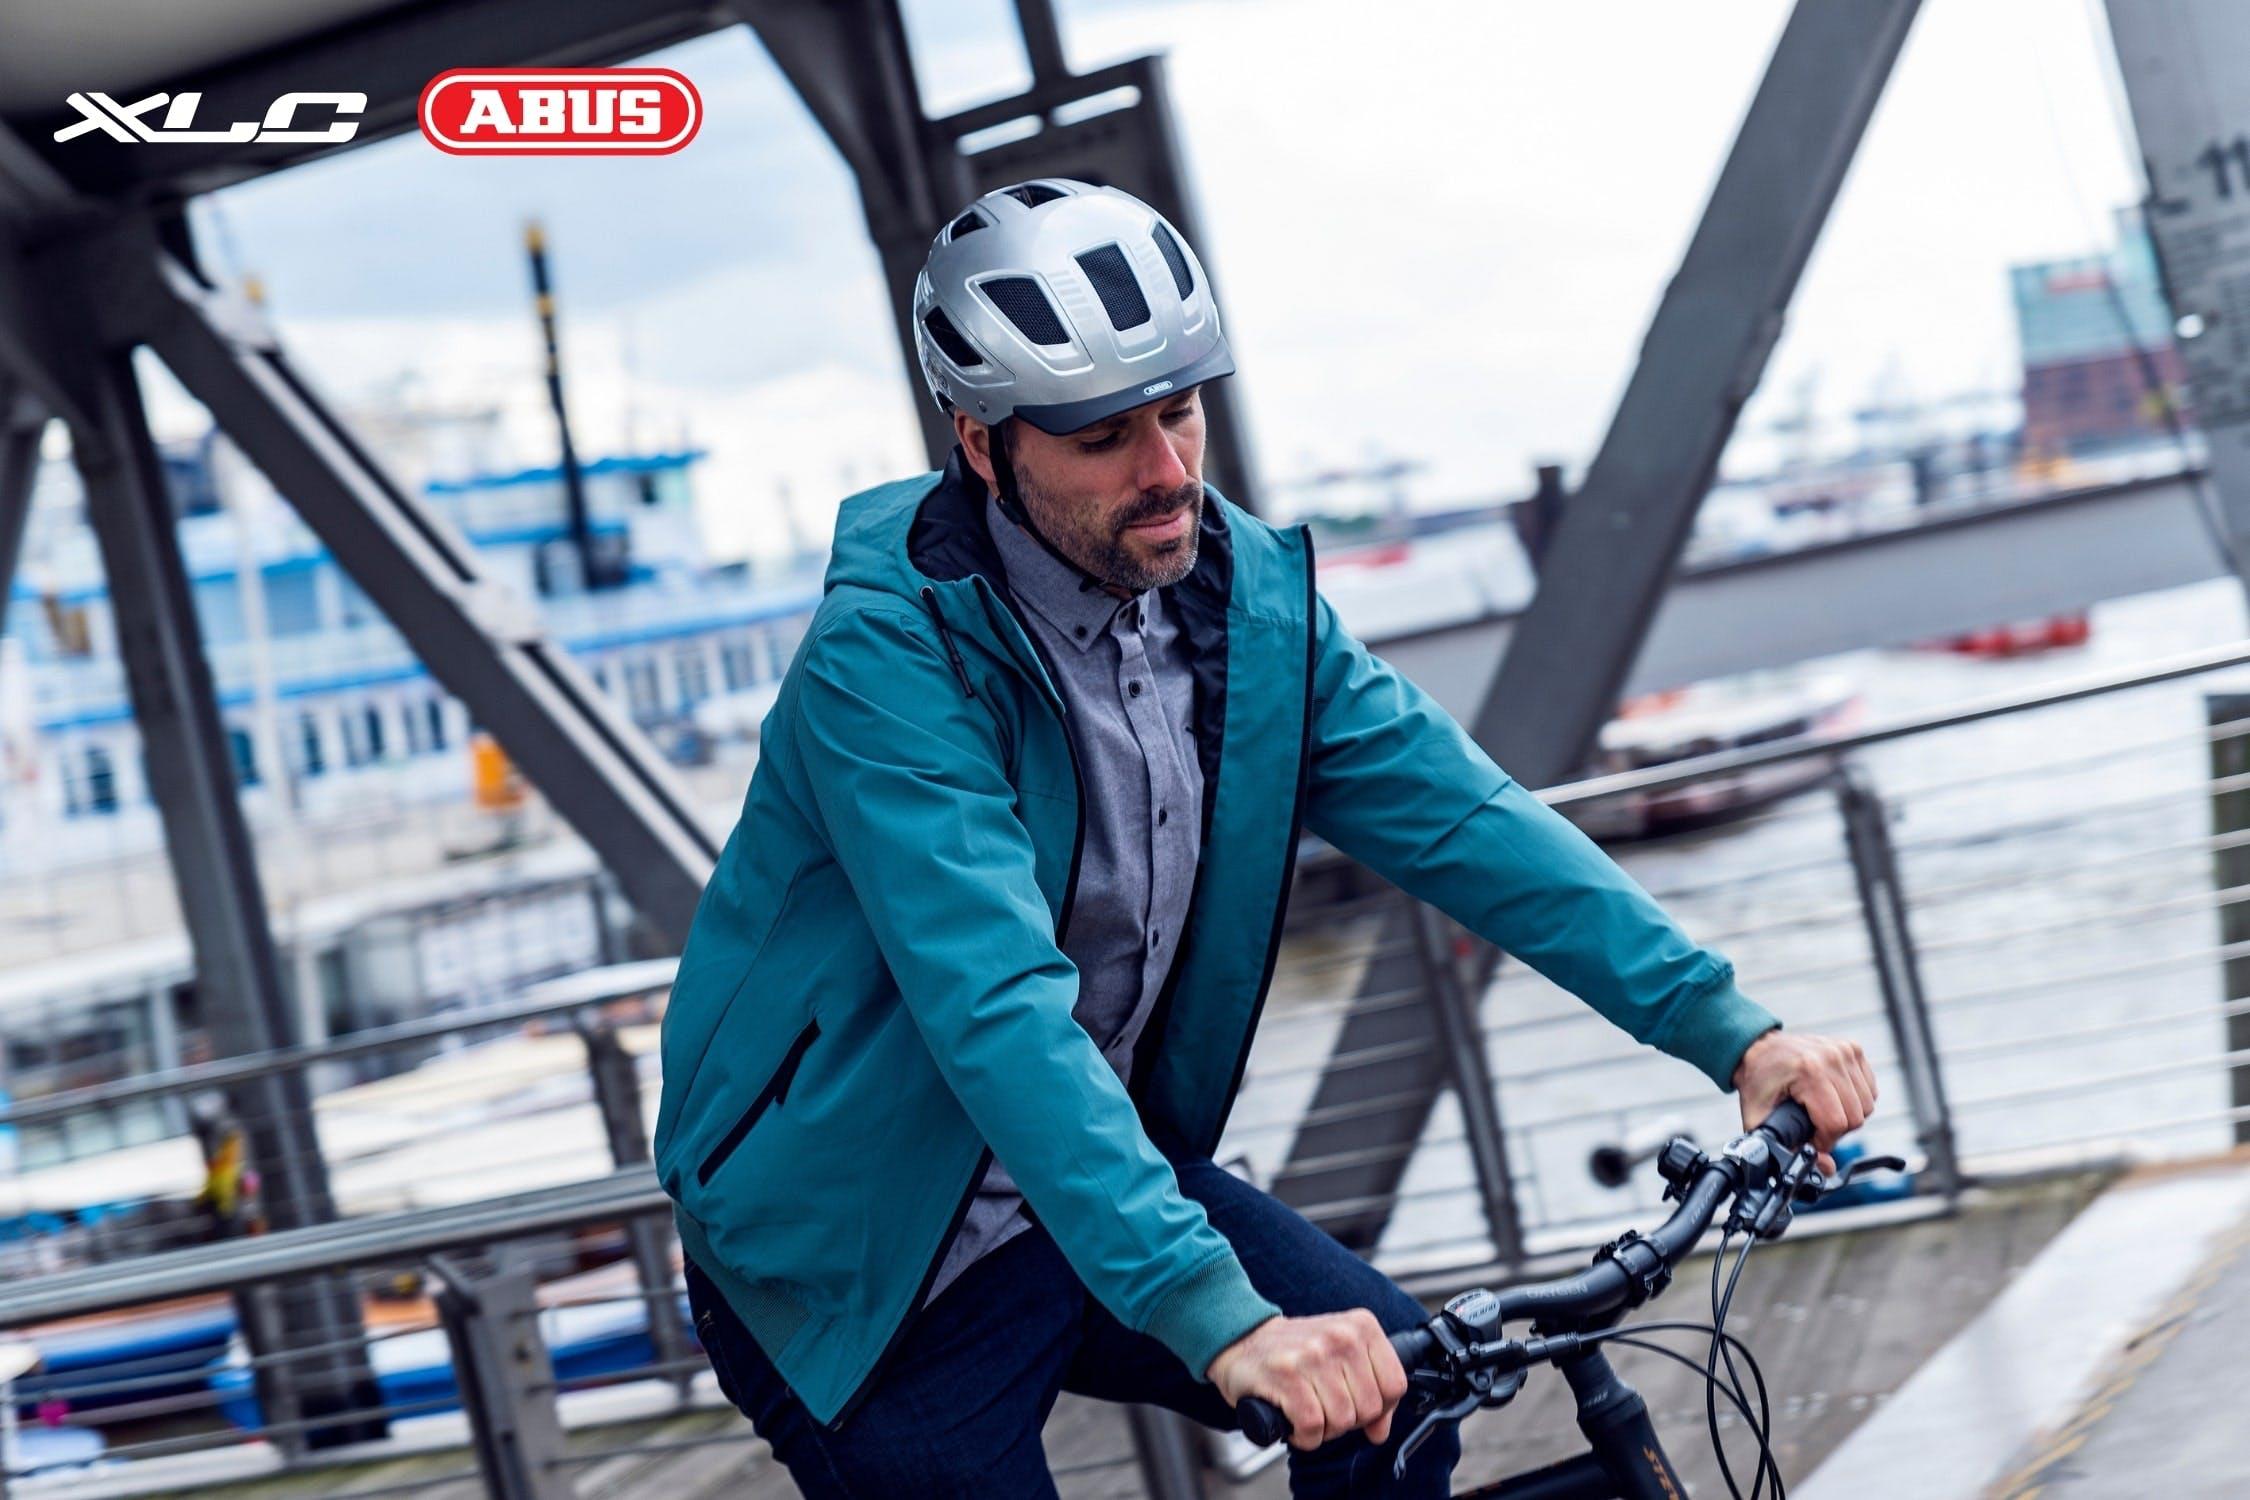 Gotowi na rowerowy sezon?